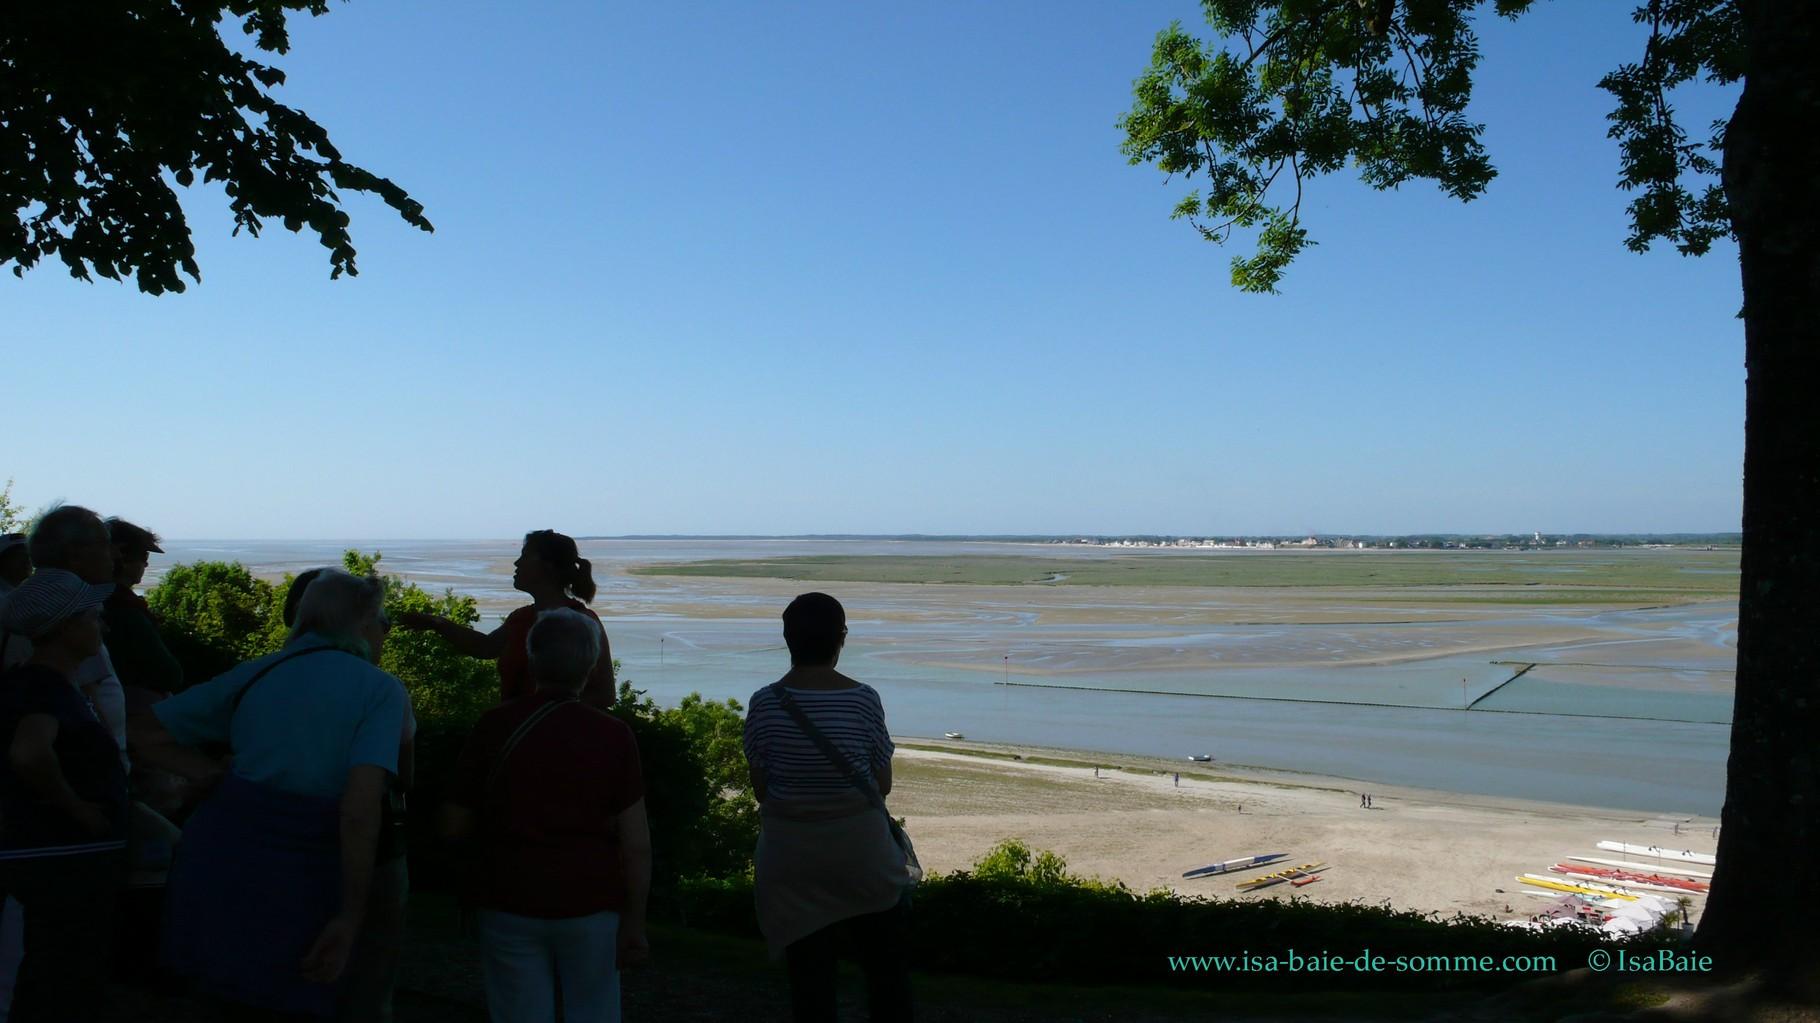 Vue panoramique de la Baie de Somme